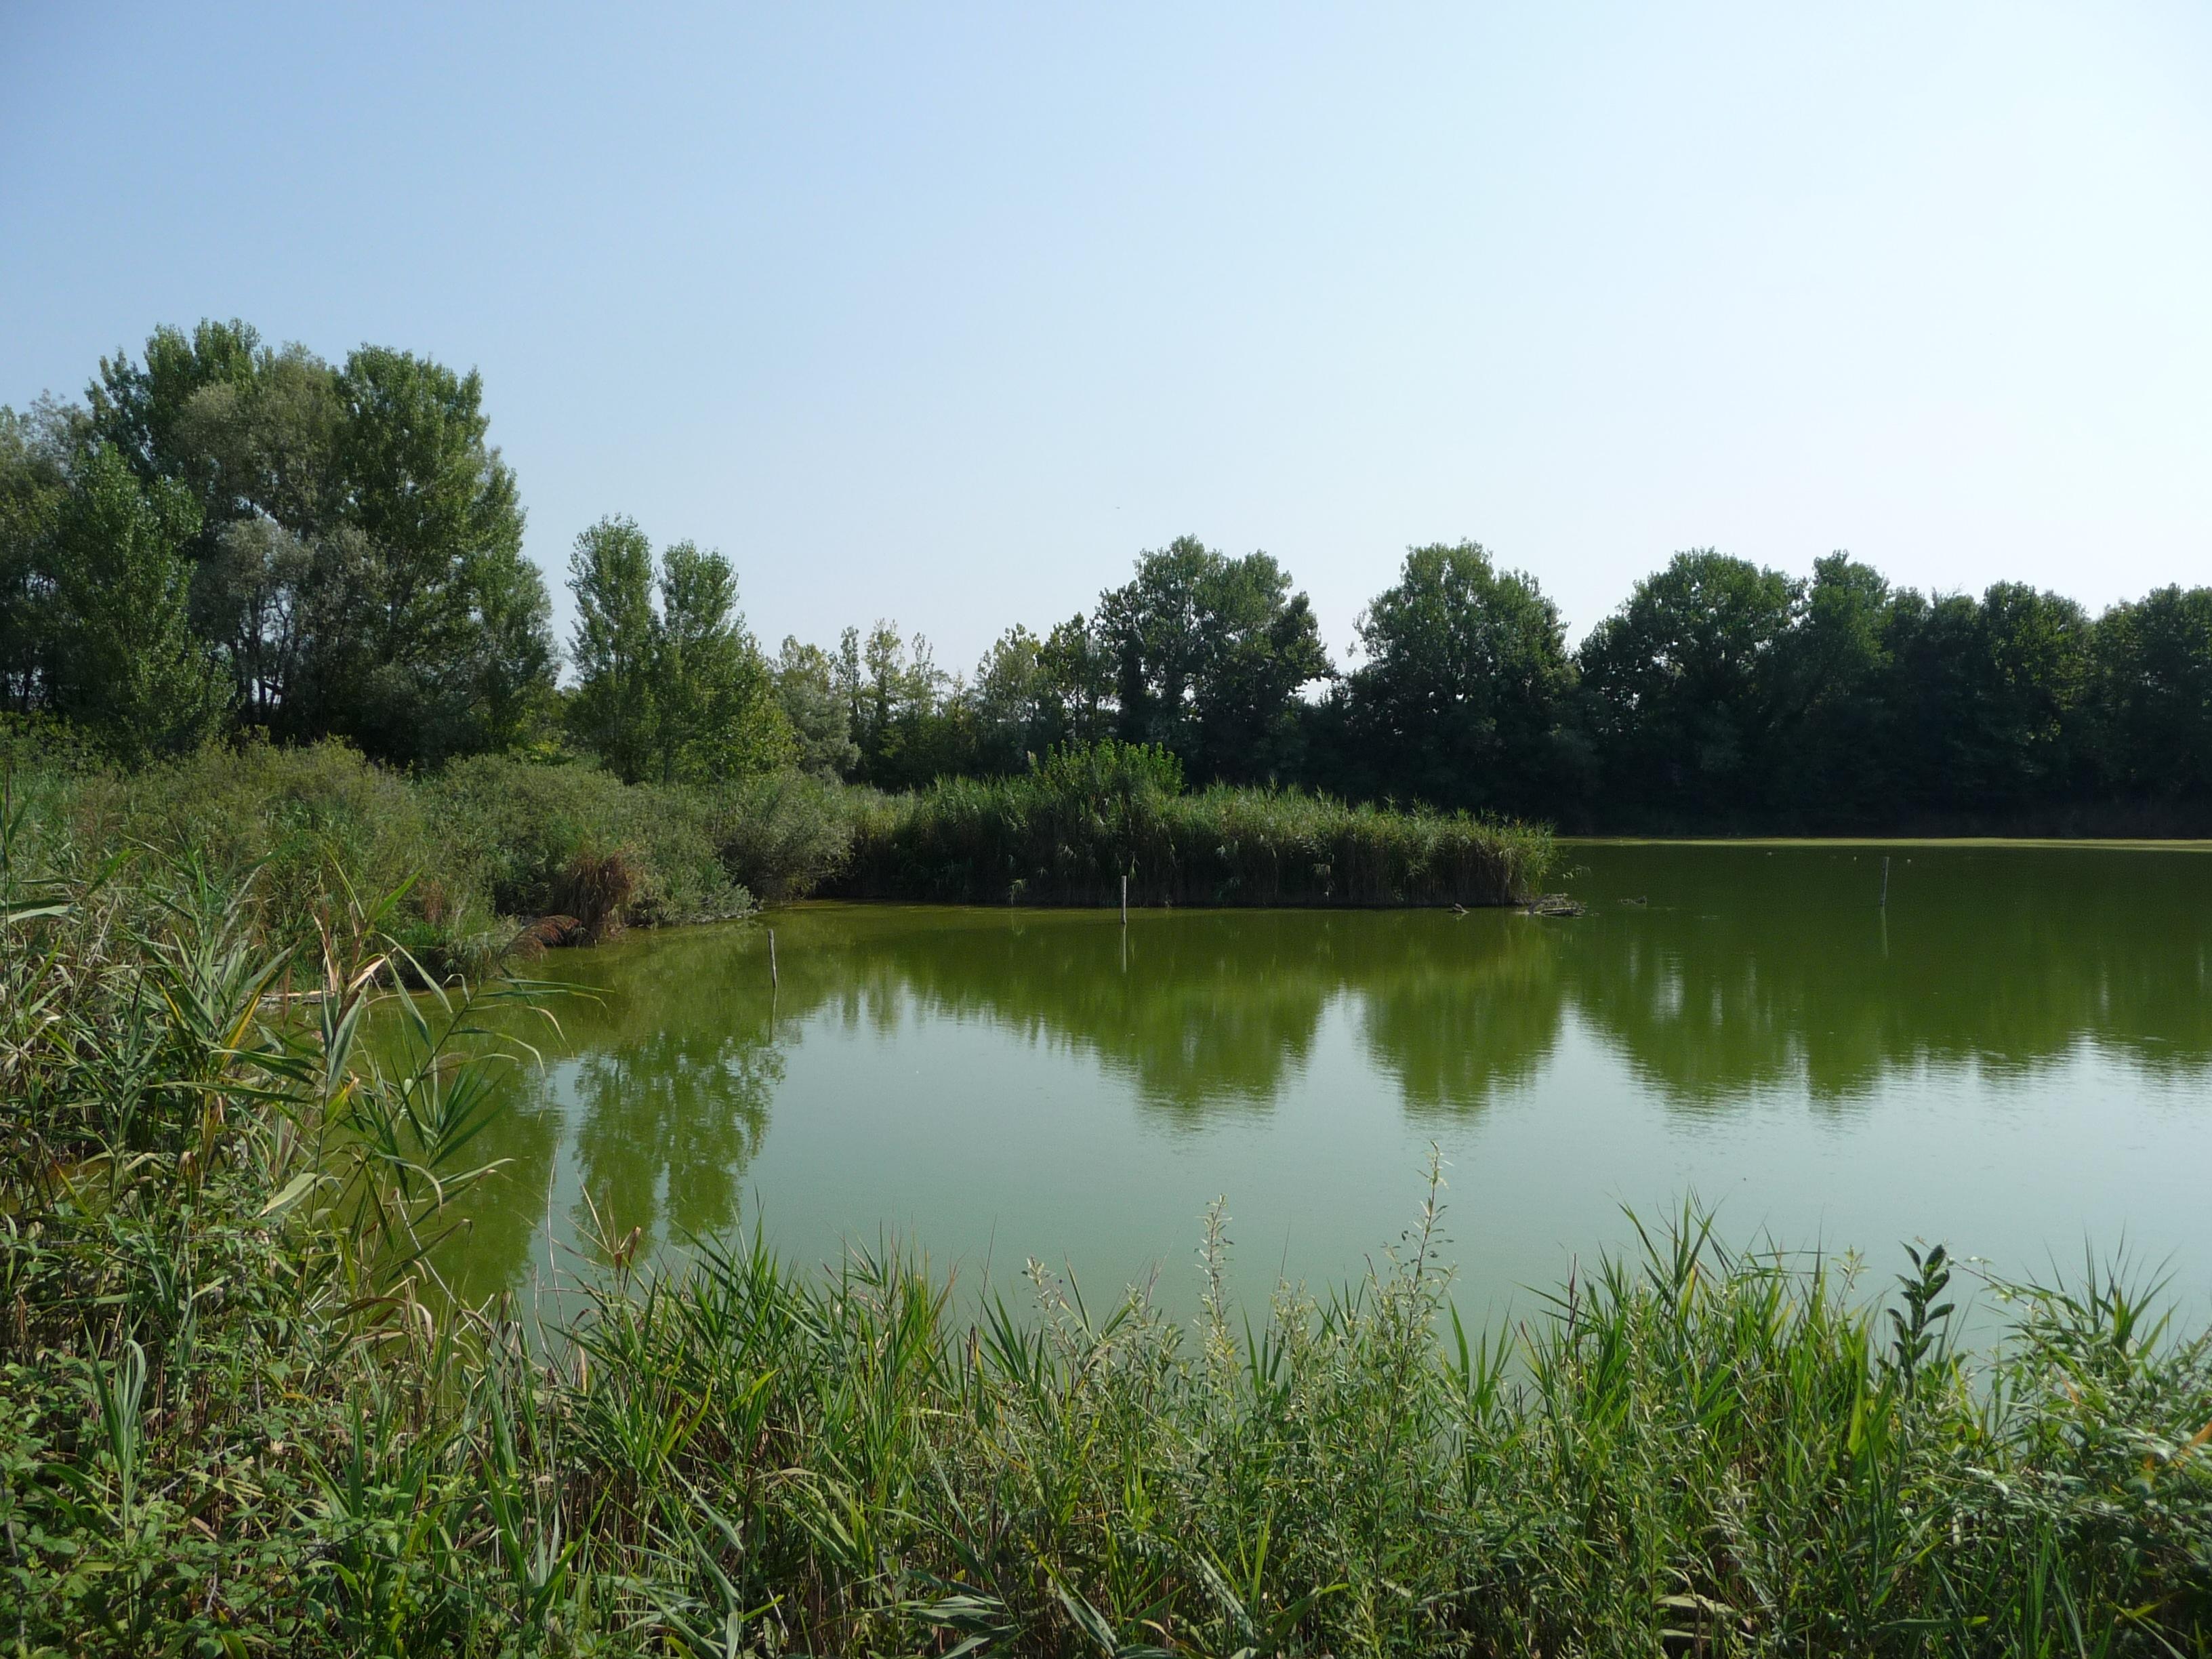 oasi-wwf-stagni-casale-15-agosto-2012-n25